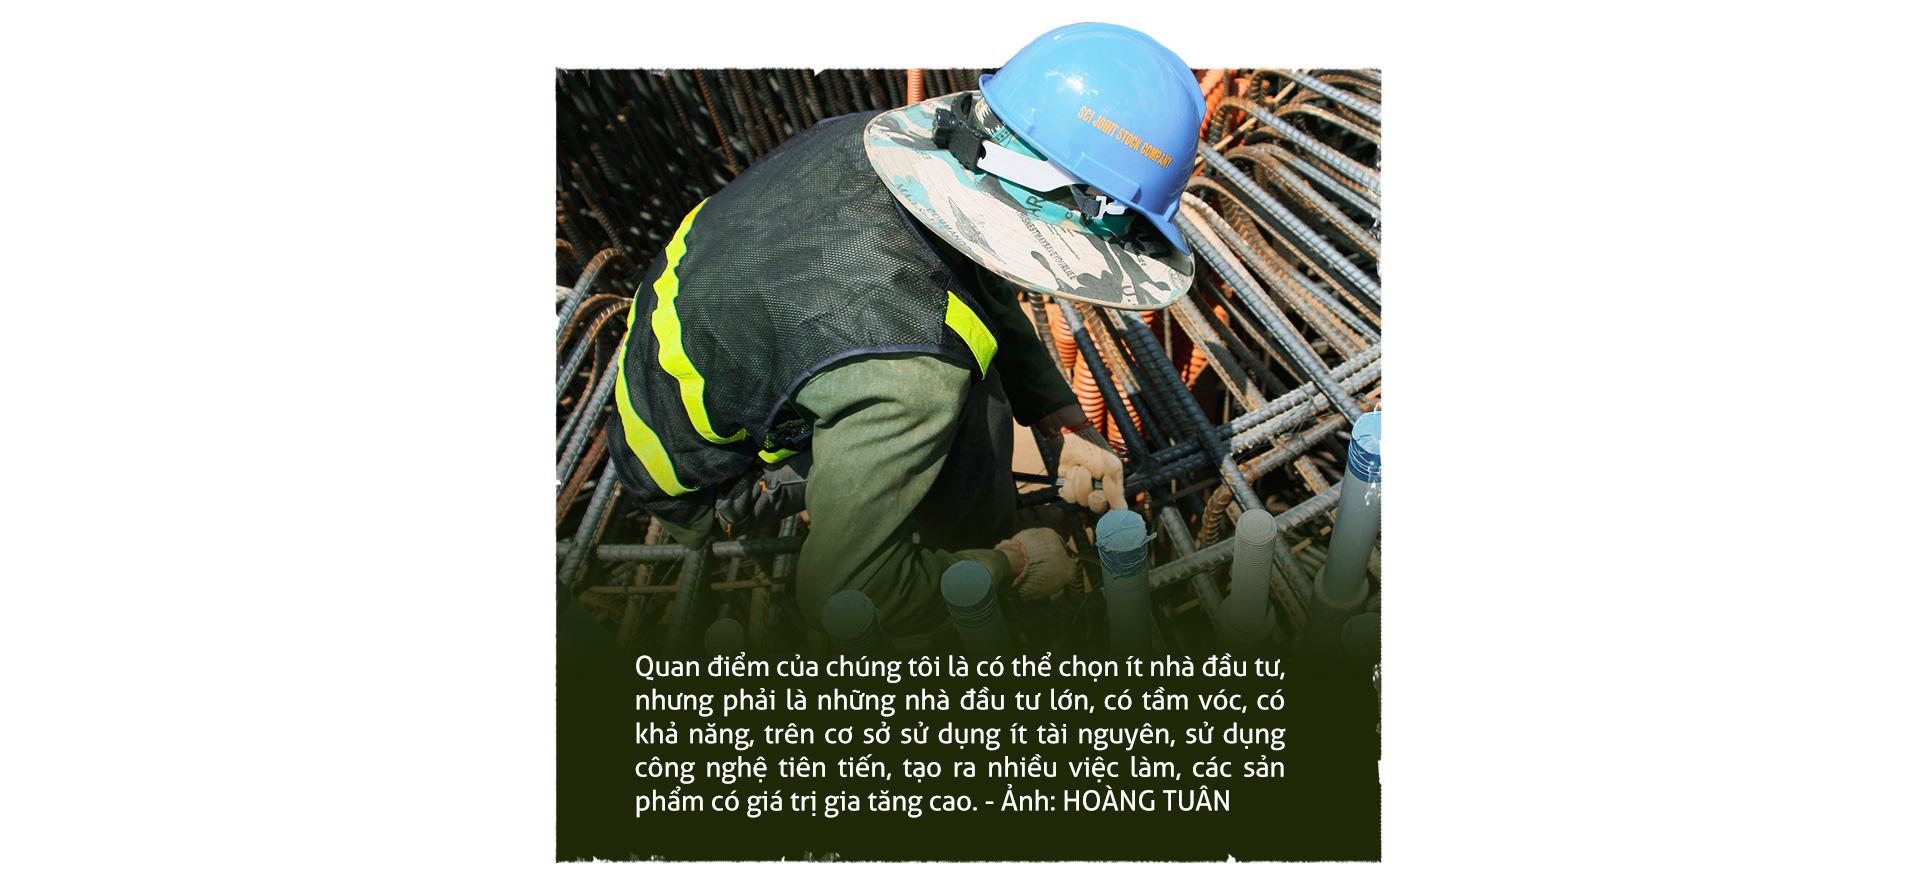 Quảng Trị xây giấc mơ thành trung tâm năng lượng tái tạo - Ảnh 15.